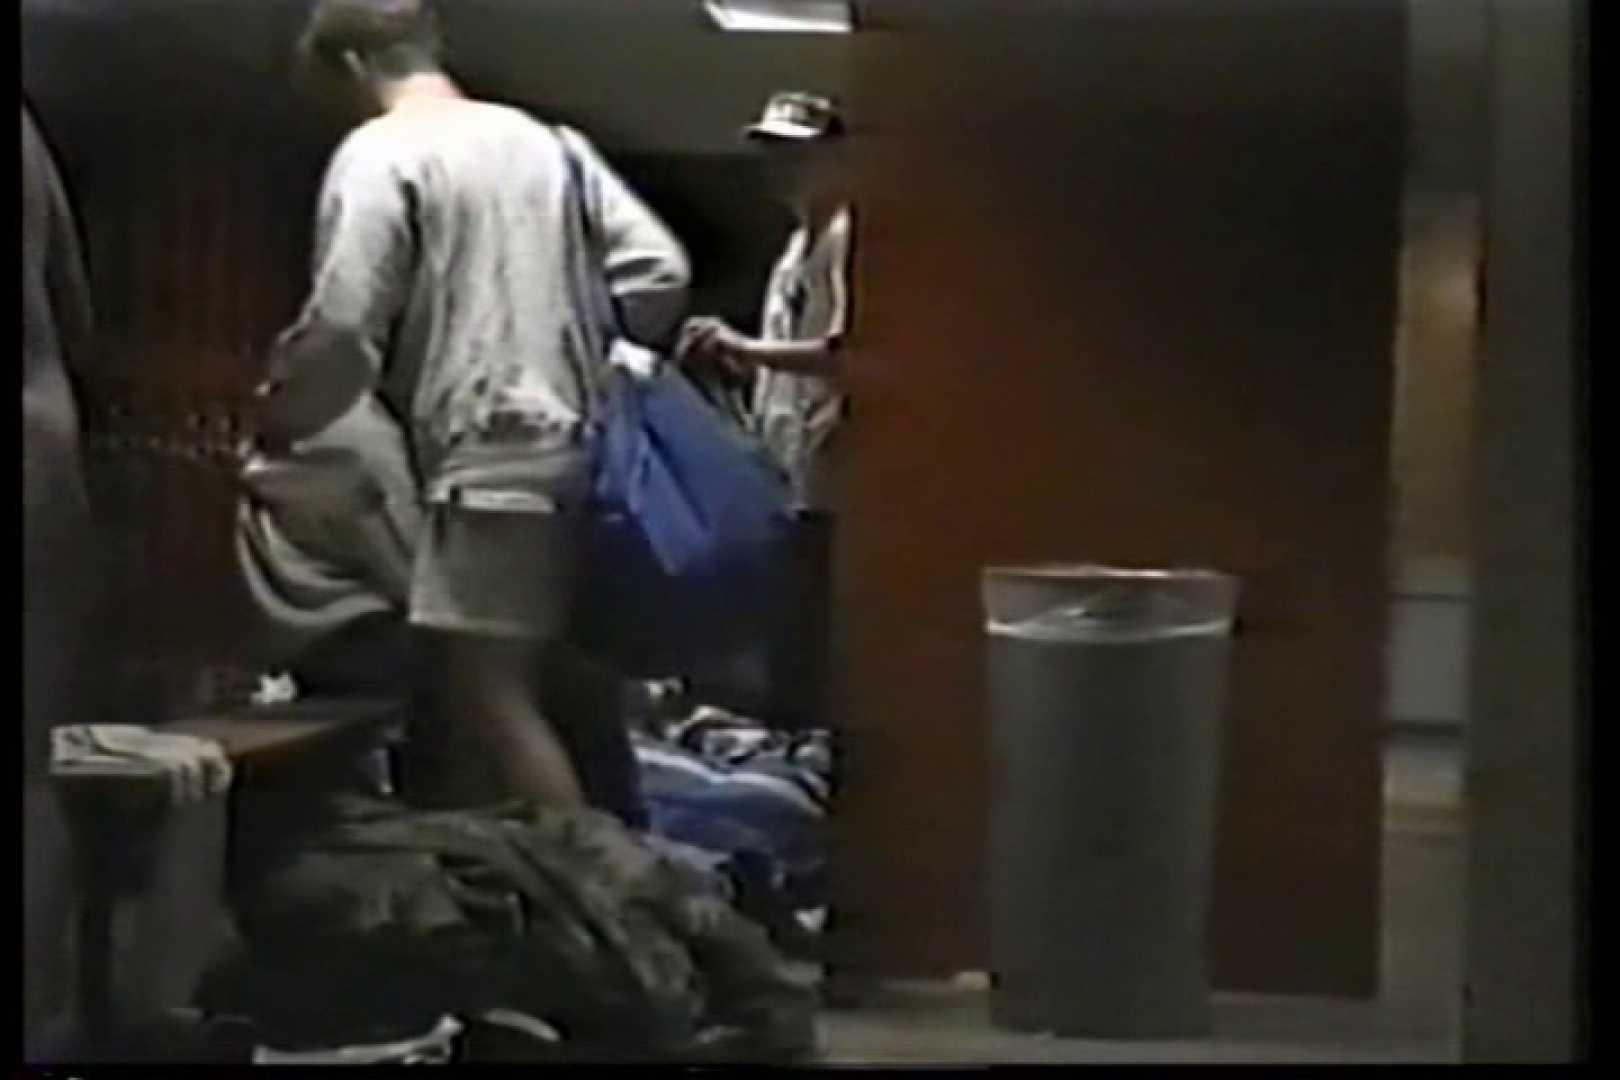 洋人さんの脱衣所を覗いてみました。VOL.3 のぞき  38pic 33